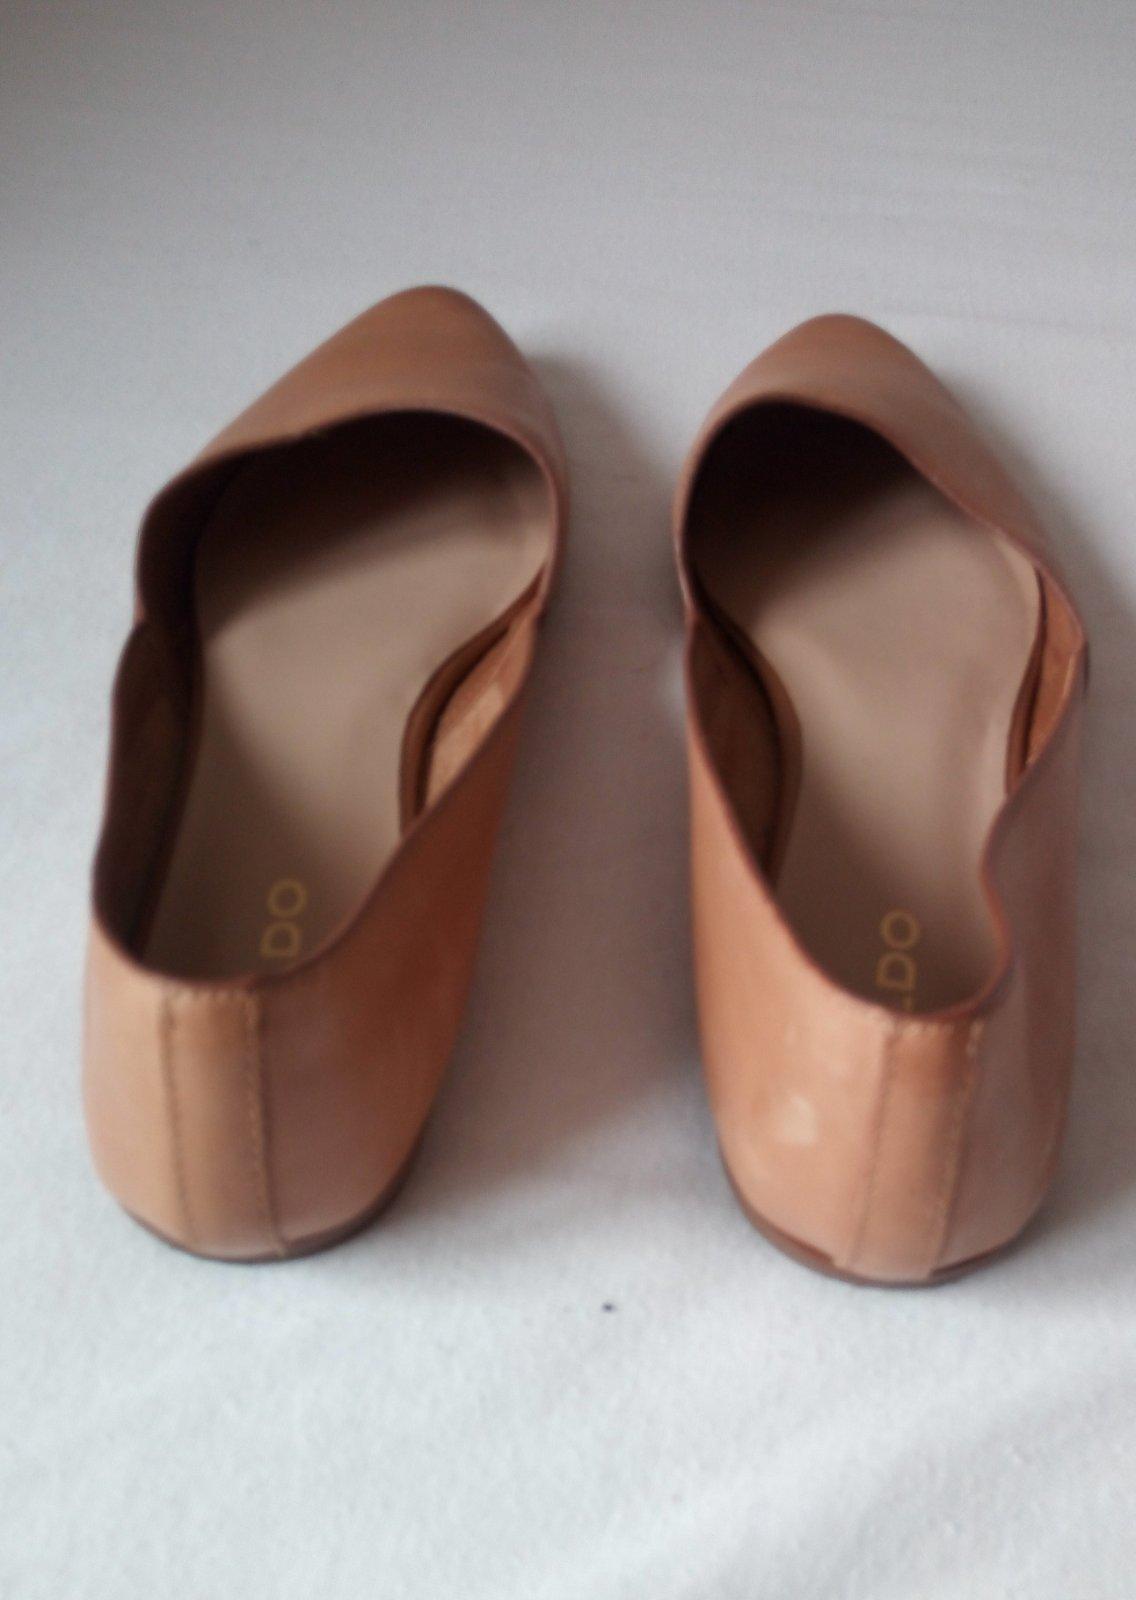 Bledohnedé kožené minimalistické baleríny - Obrázok č. 4